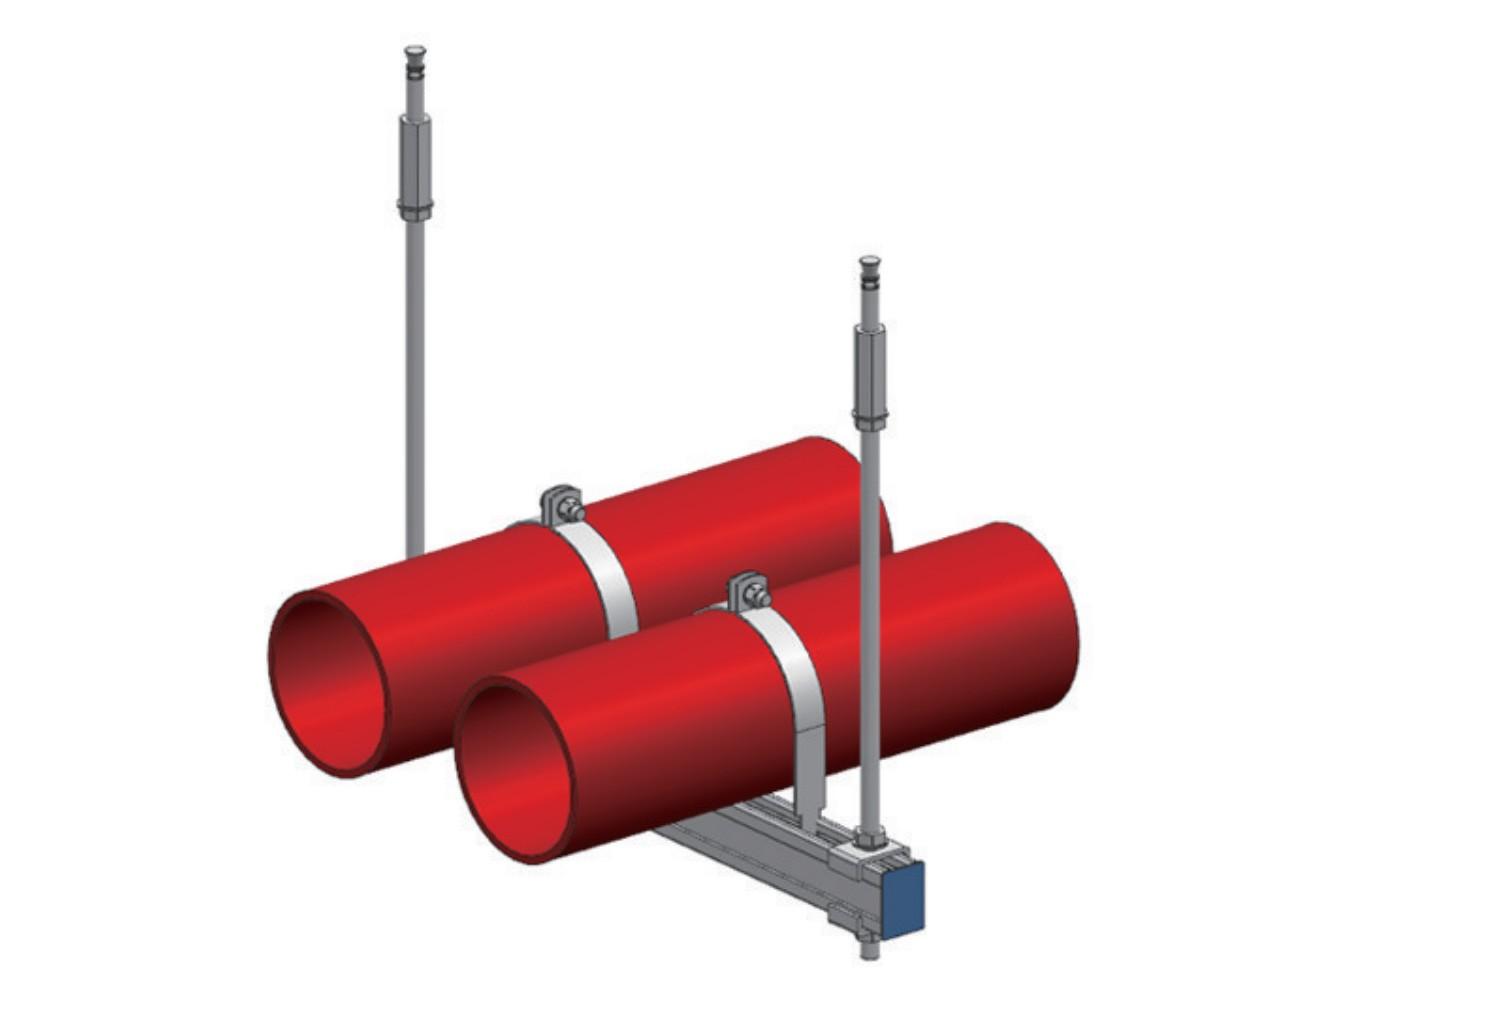 抗震支吊架使用不可少的常识储备